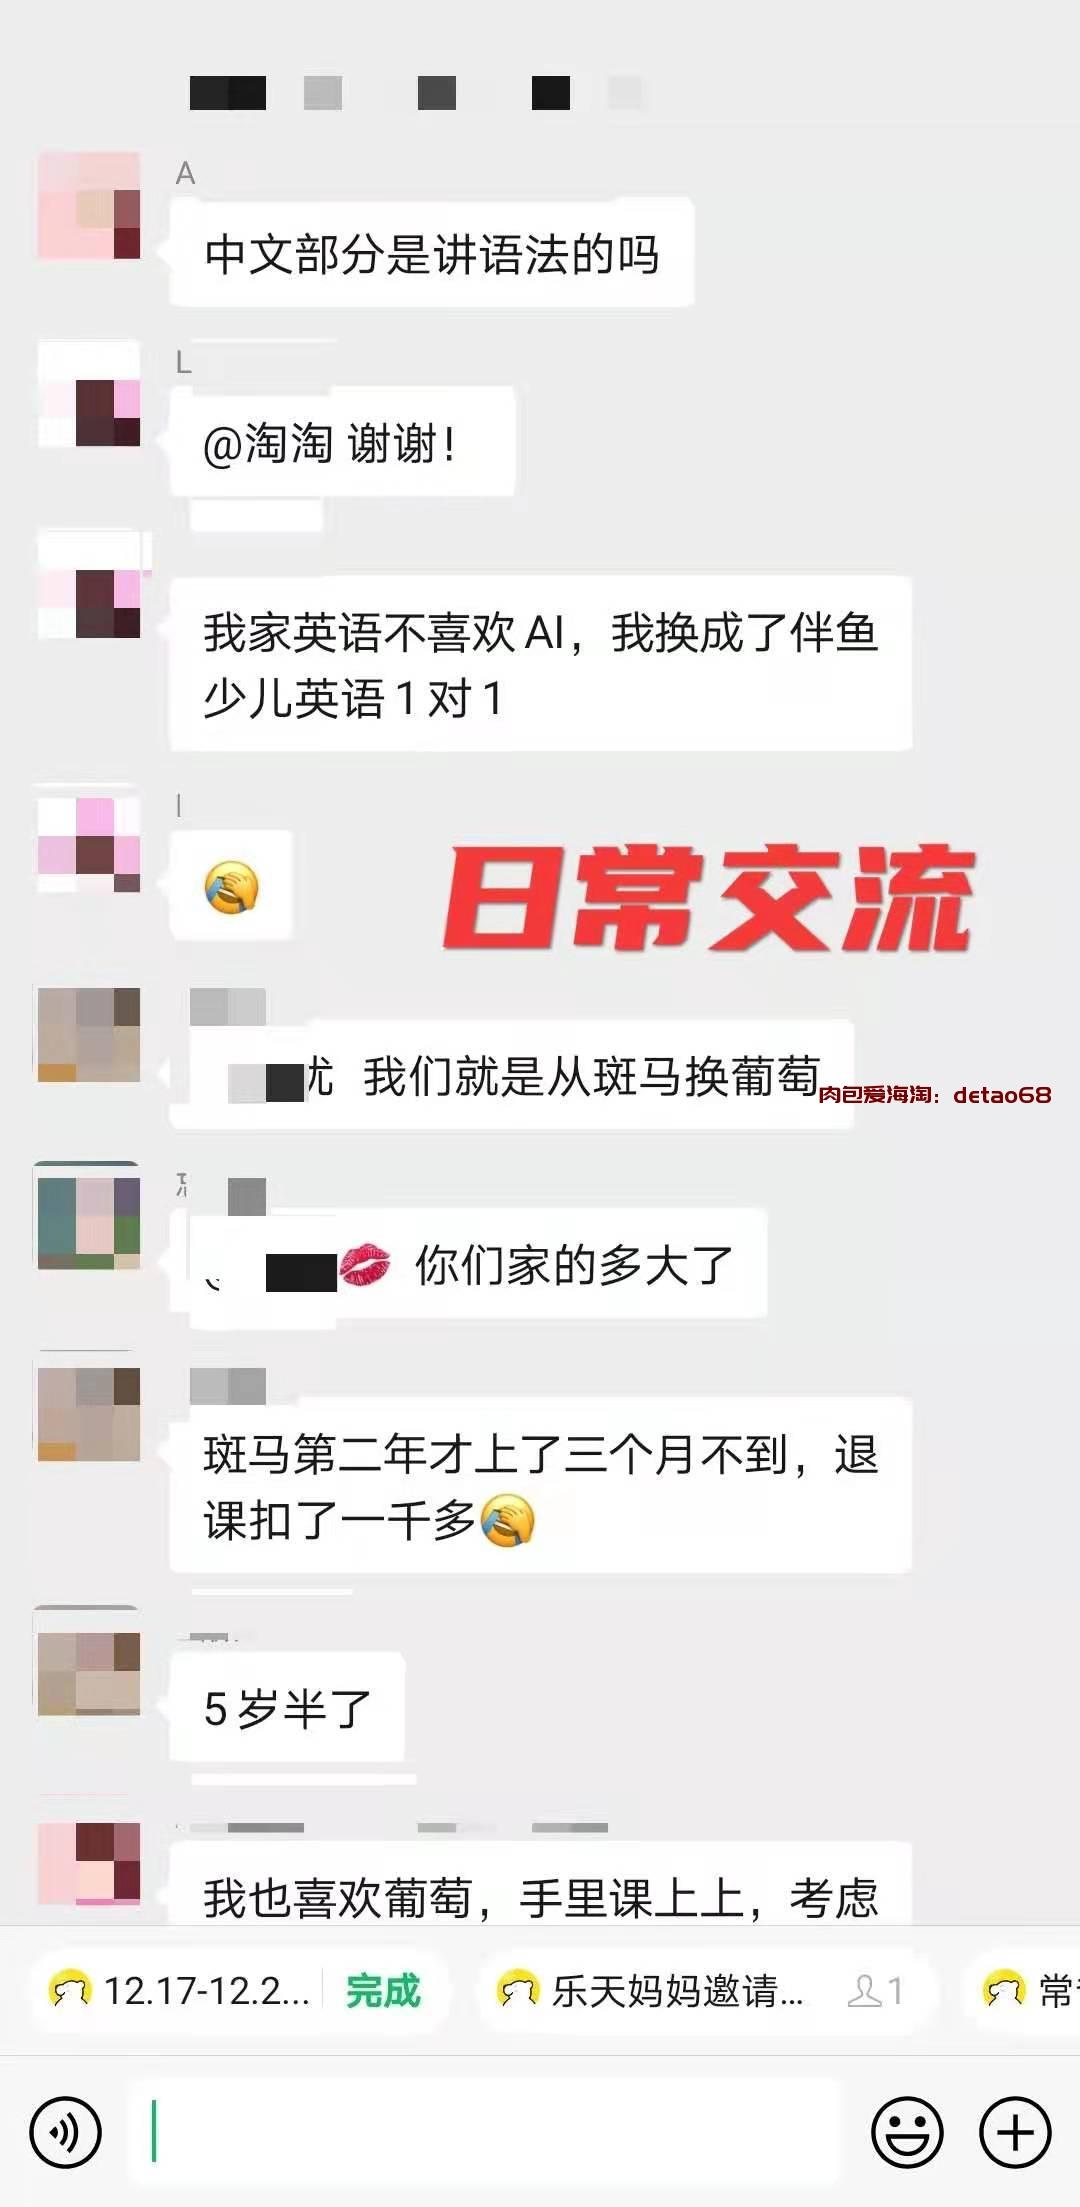 C:\Users\wangl\AppData\Local\Temp\WeChat Files\f45a6f36fc9f62b7fbc5255e1b0ba0a.jpg